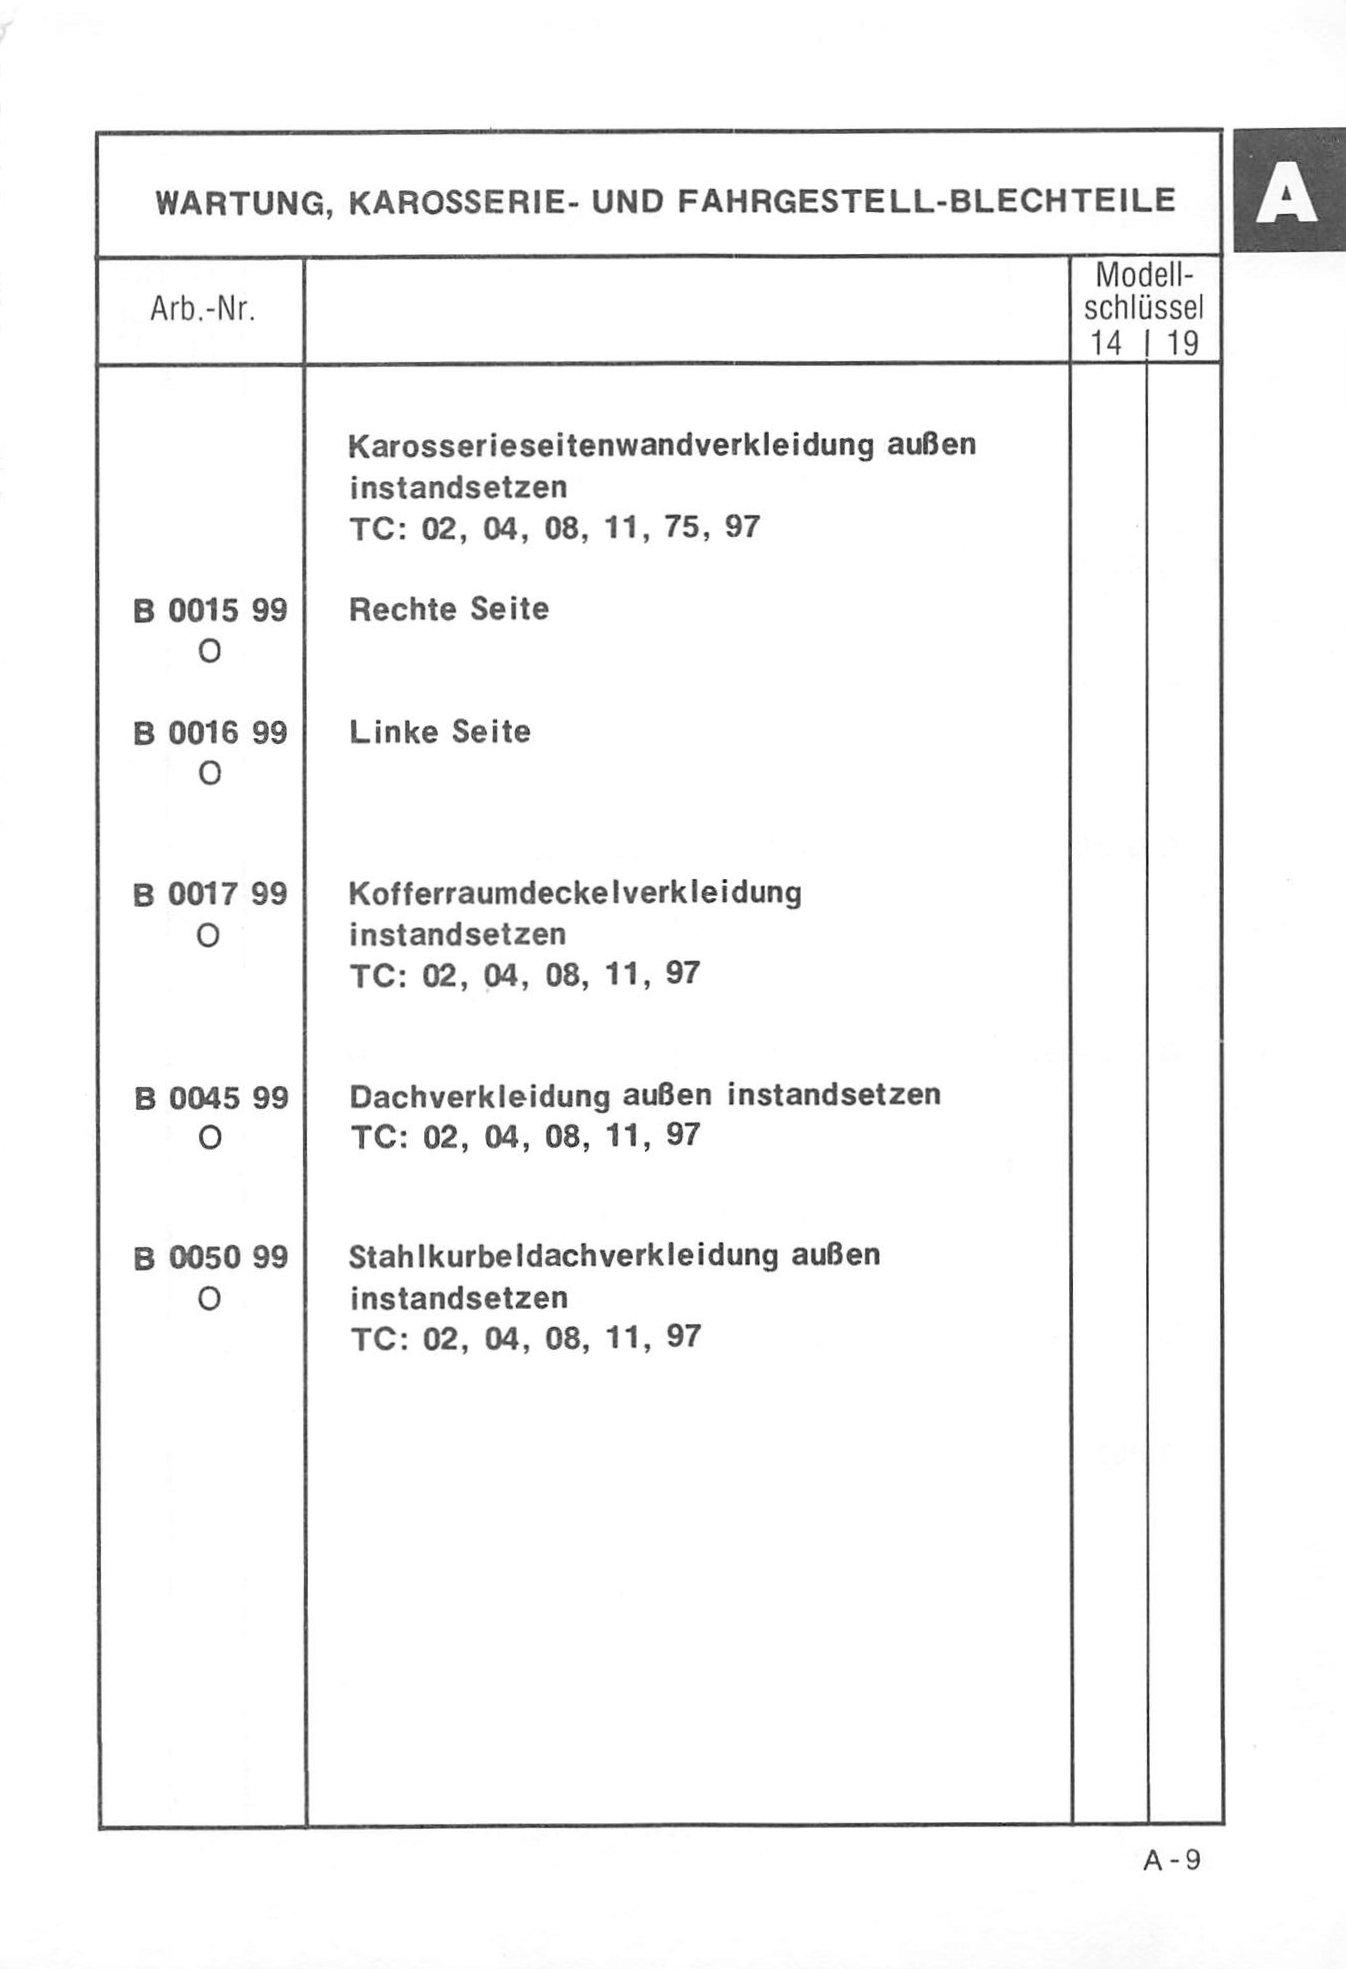 Erfreut 2000 Mustang Lautsprecher Schaltplan Galerie - Schaltplan ...